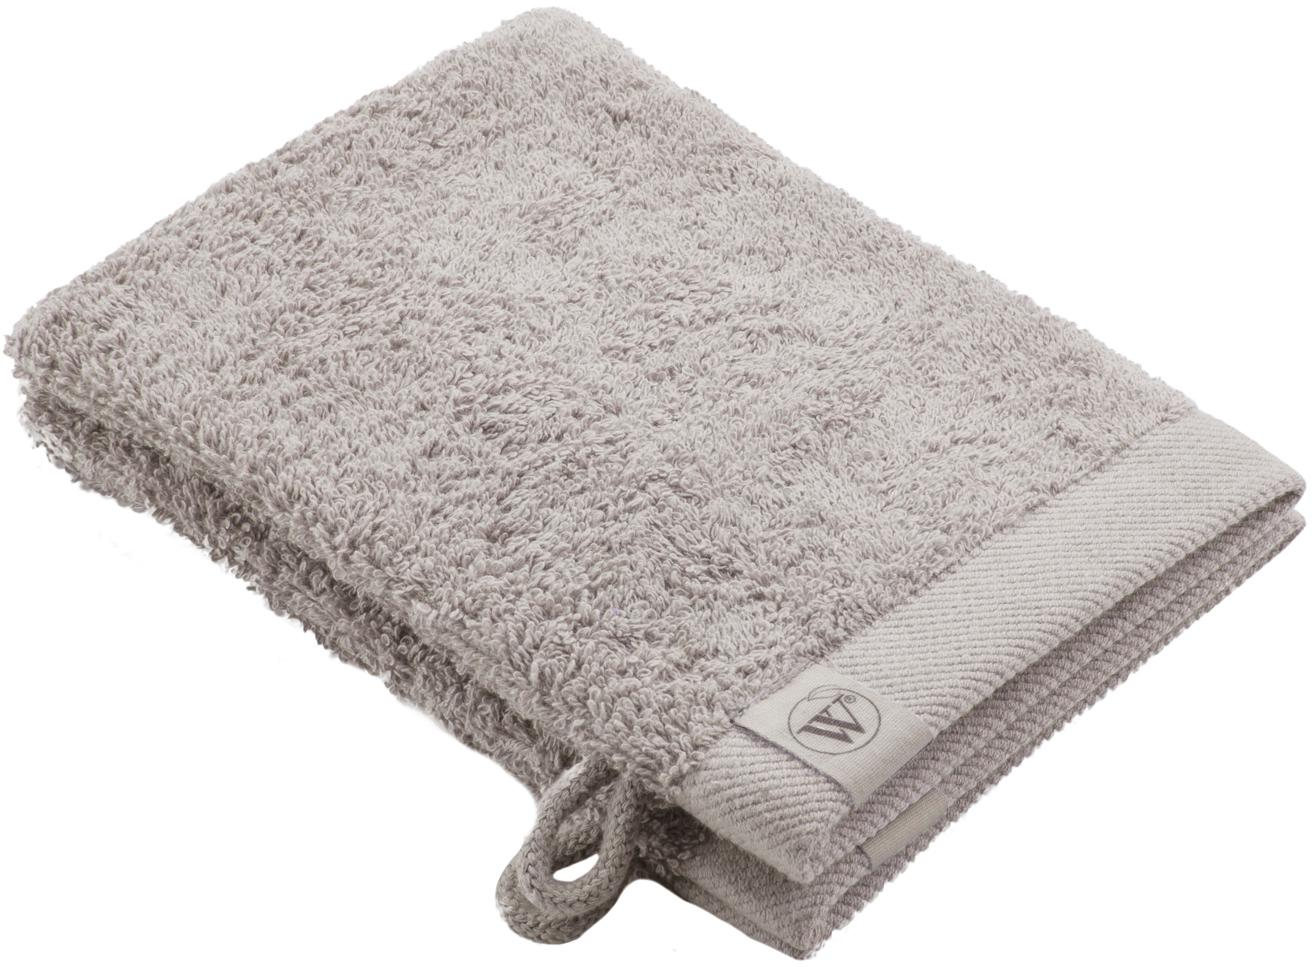 Guanto spugna da doccia/bagno Blend 2 pz, 65% cotone riciclato, 35% poliestere riciclato, Grigio chiaro, Larg. 16 x Lung. 21 cm